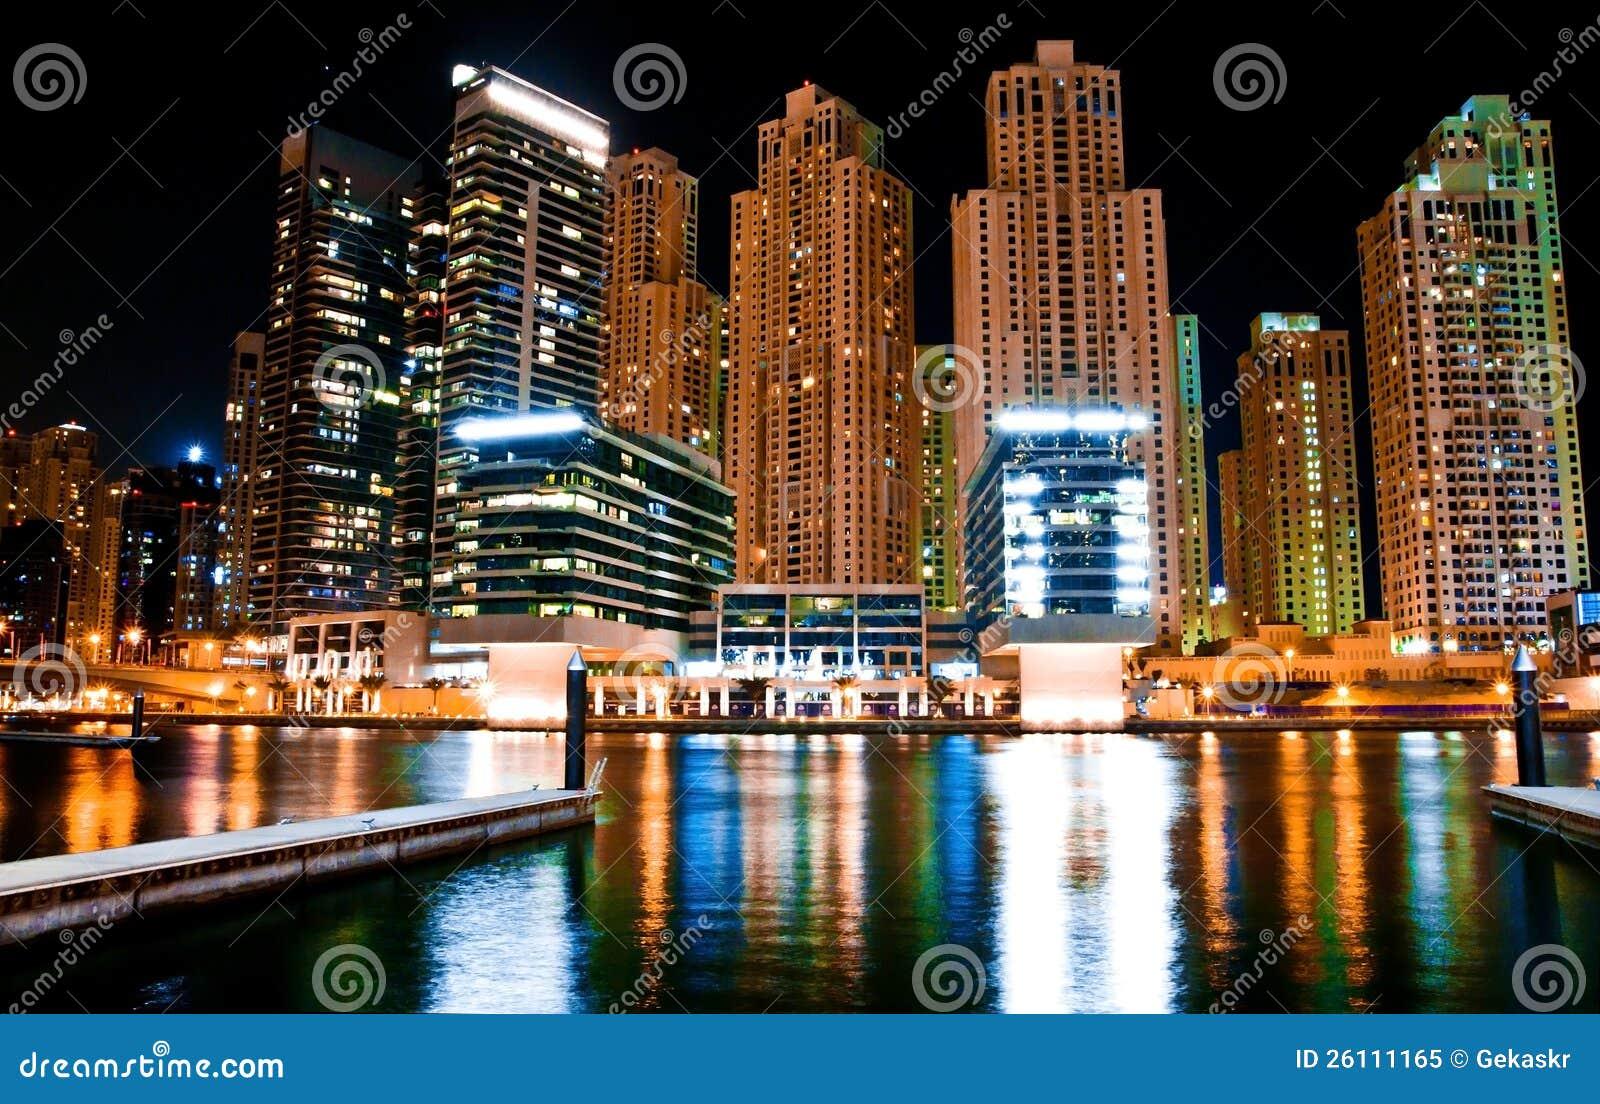 Μητρόπολη τοπίων νύχτας